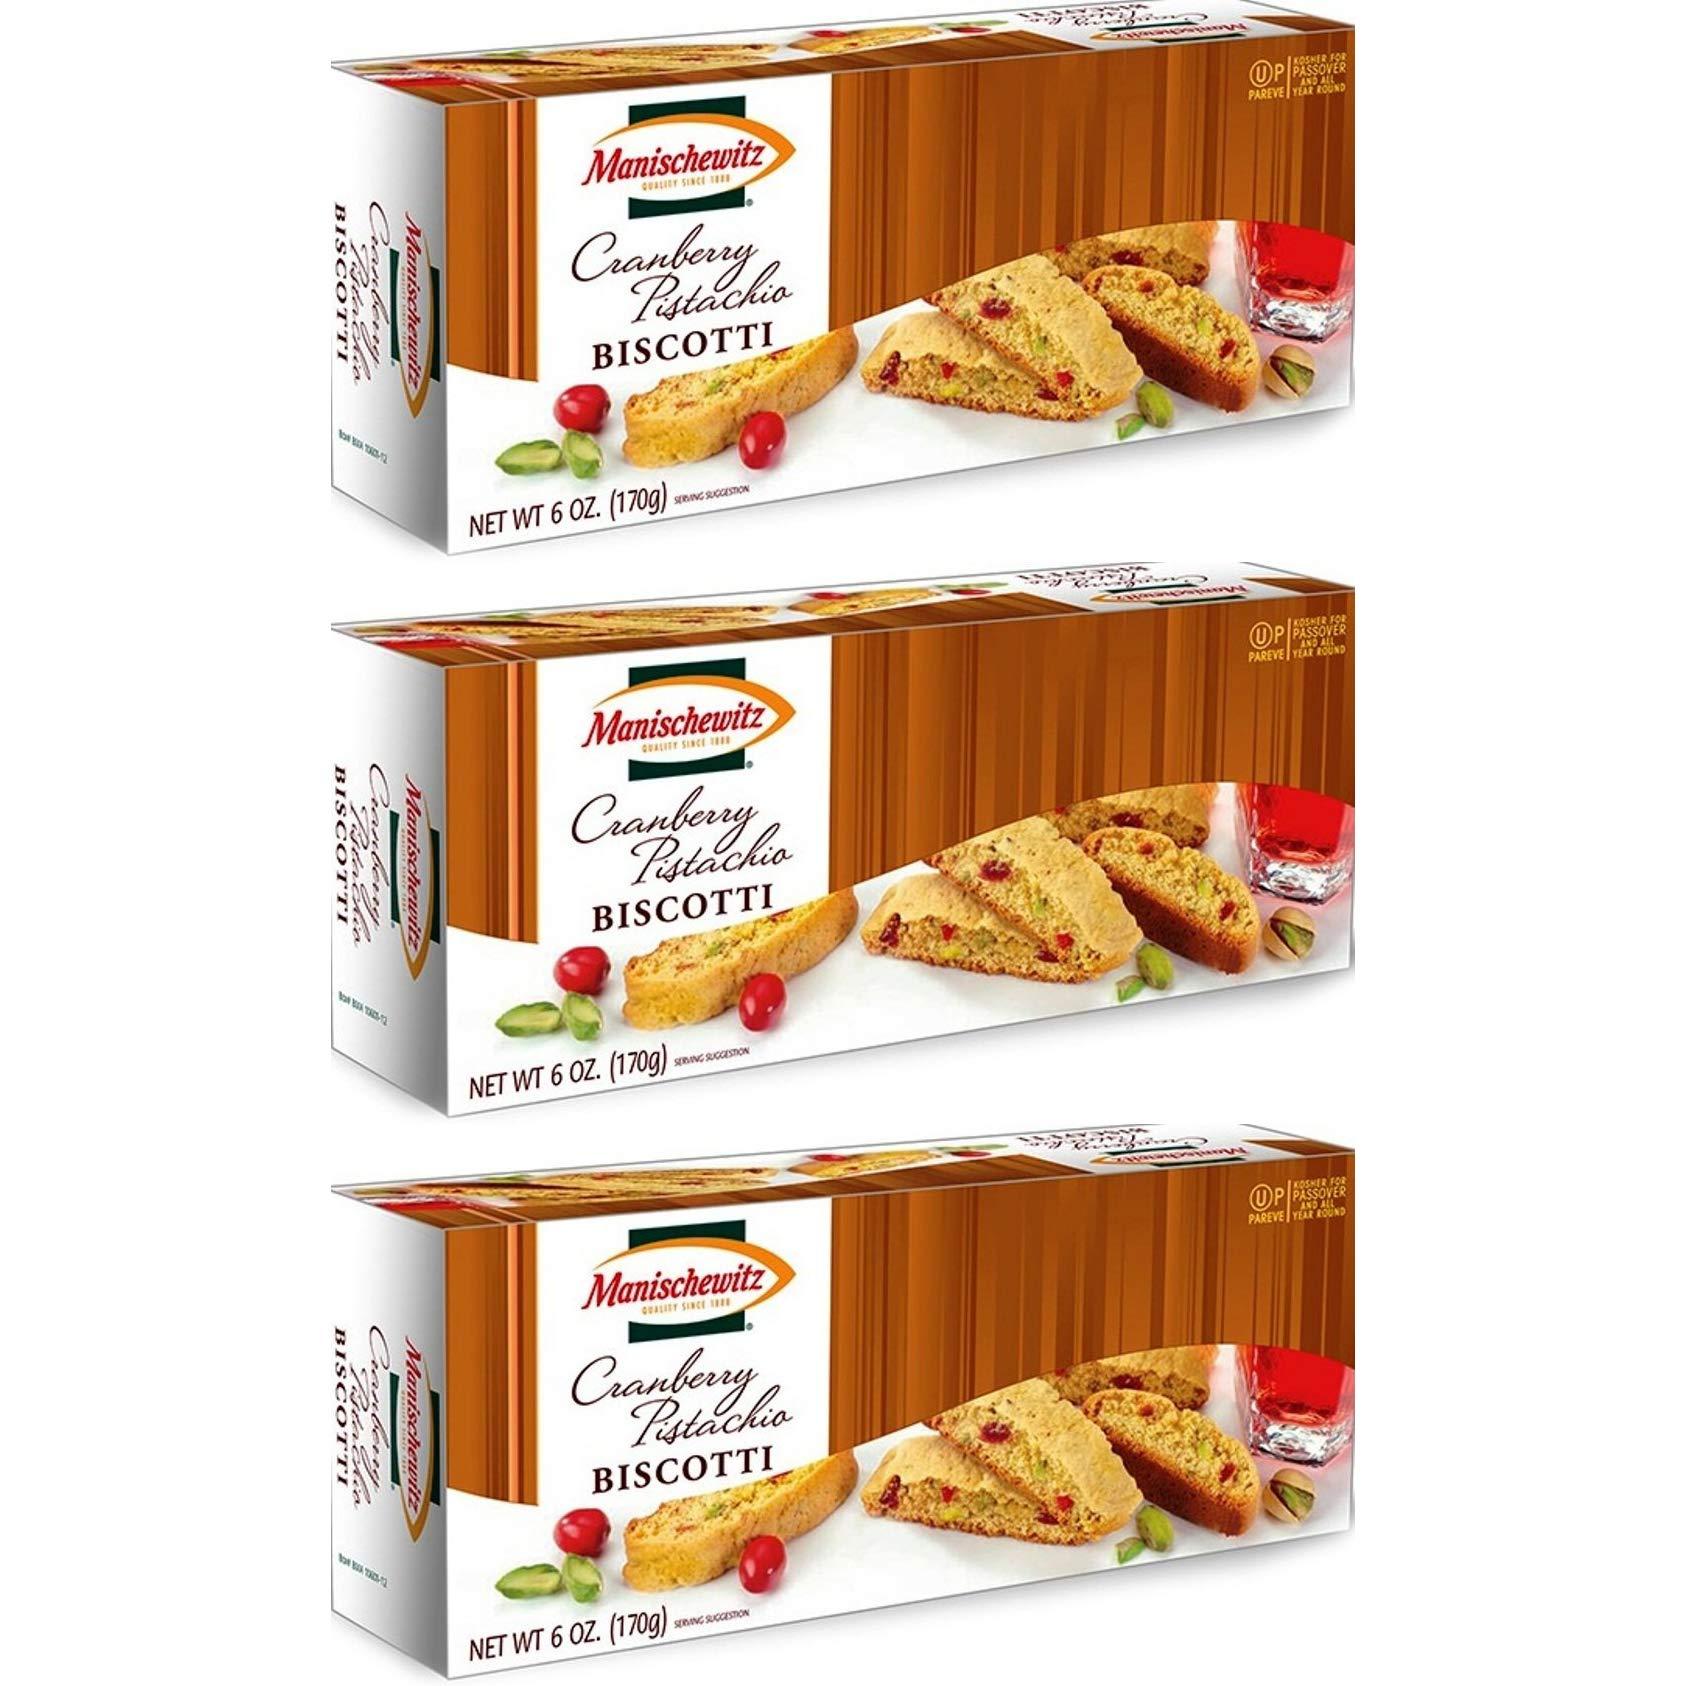 Manischewitz Cranberry Pistachio Biscotti KFP 6 Oz. Pack Of 3.